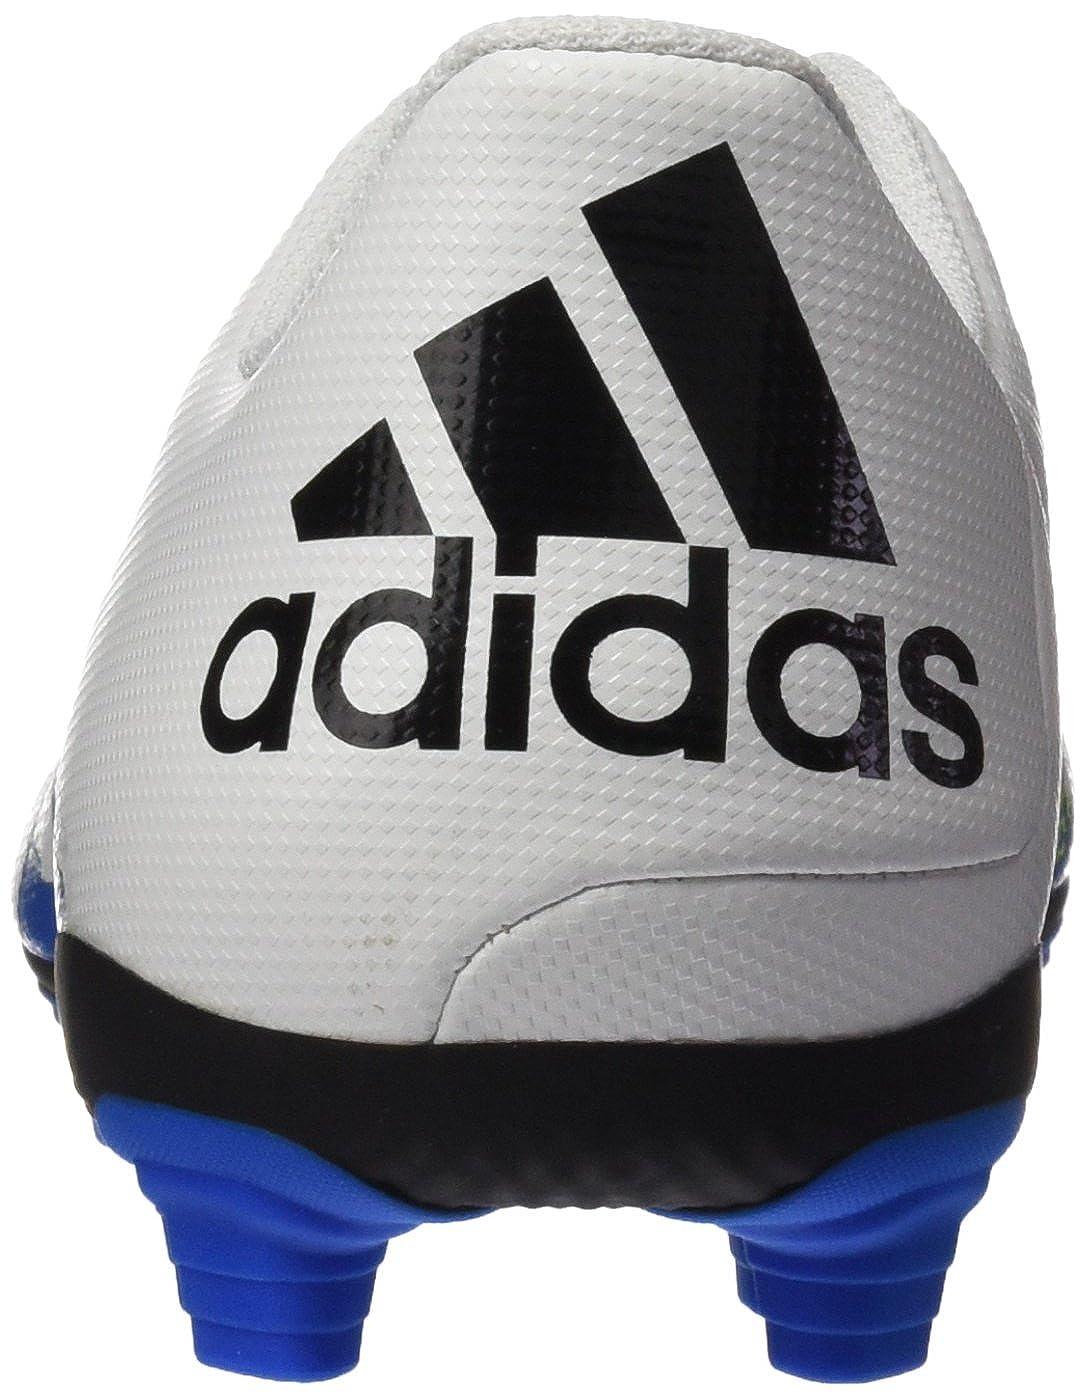 Adidas X 15.4 Fxg Fxg Fxg Herren Fußballschuhe a0f049